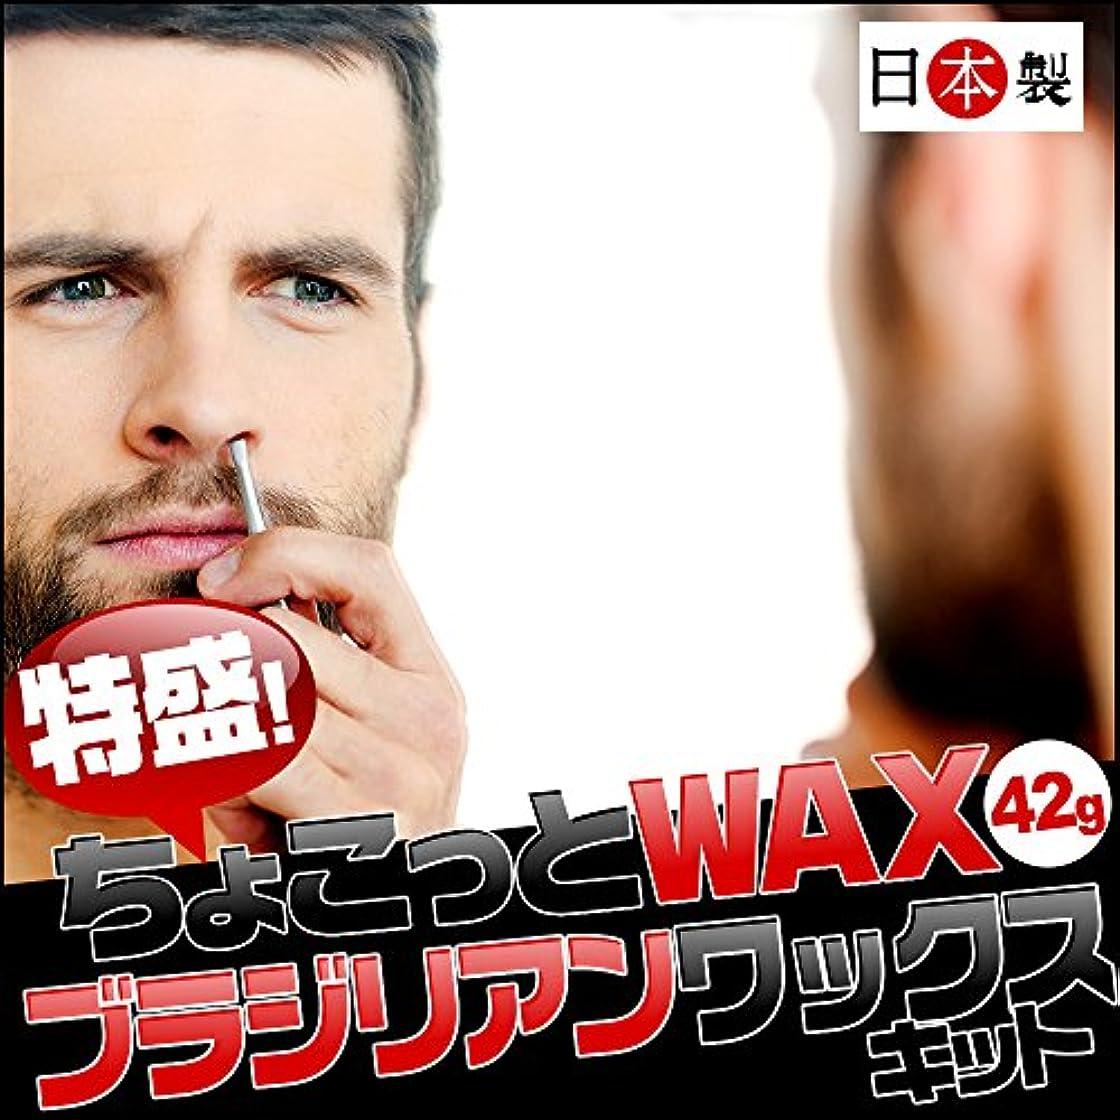 暴露する郵便屋さん純粋に日本製ワックスで安心!鼻毛脱毛  特盛  ちょこっとWax 6回分 (鼻毛スティック12本)